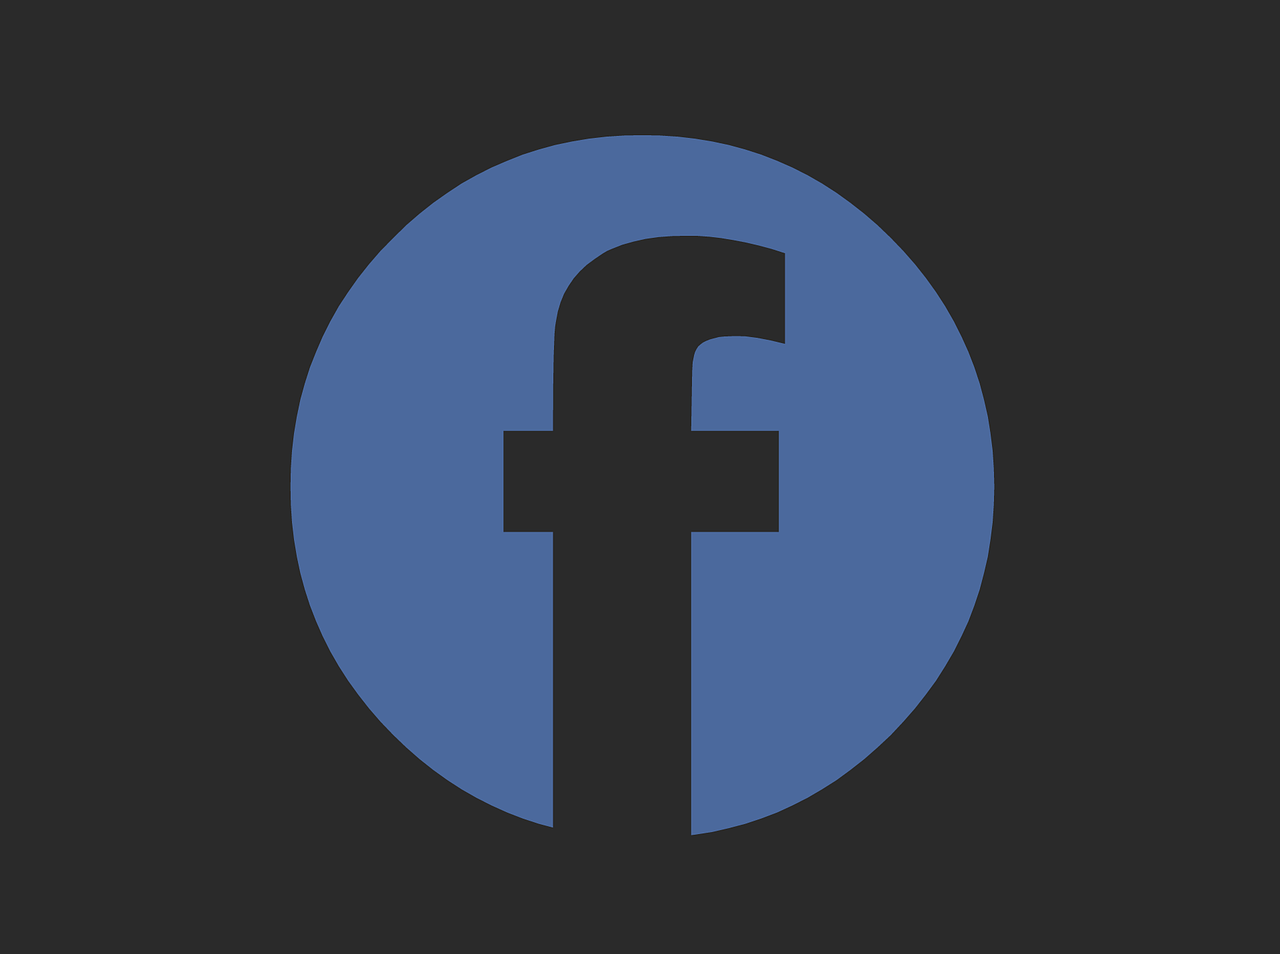 Bloccare temporaneamente il proprio profilo Facebook